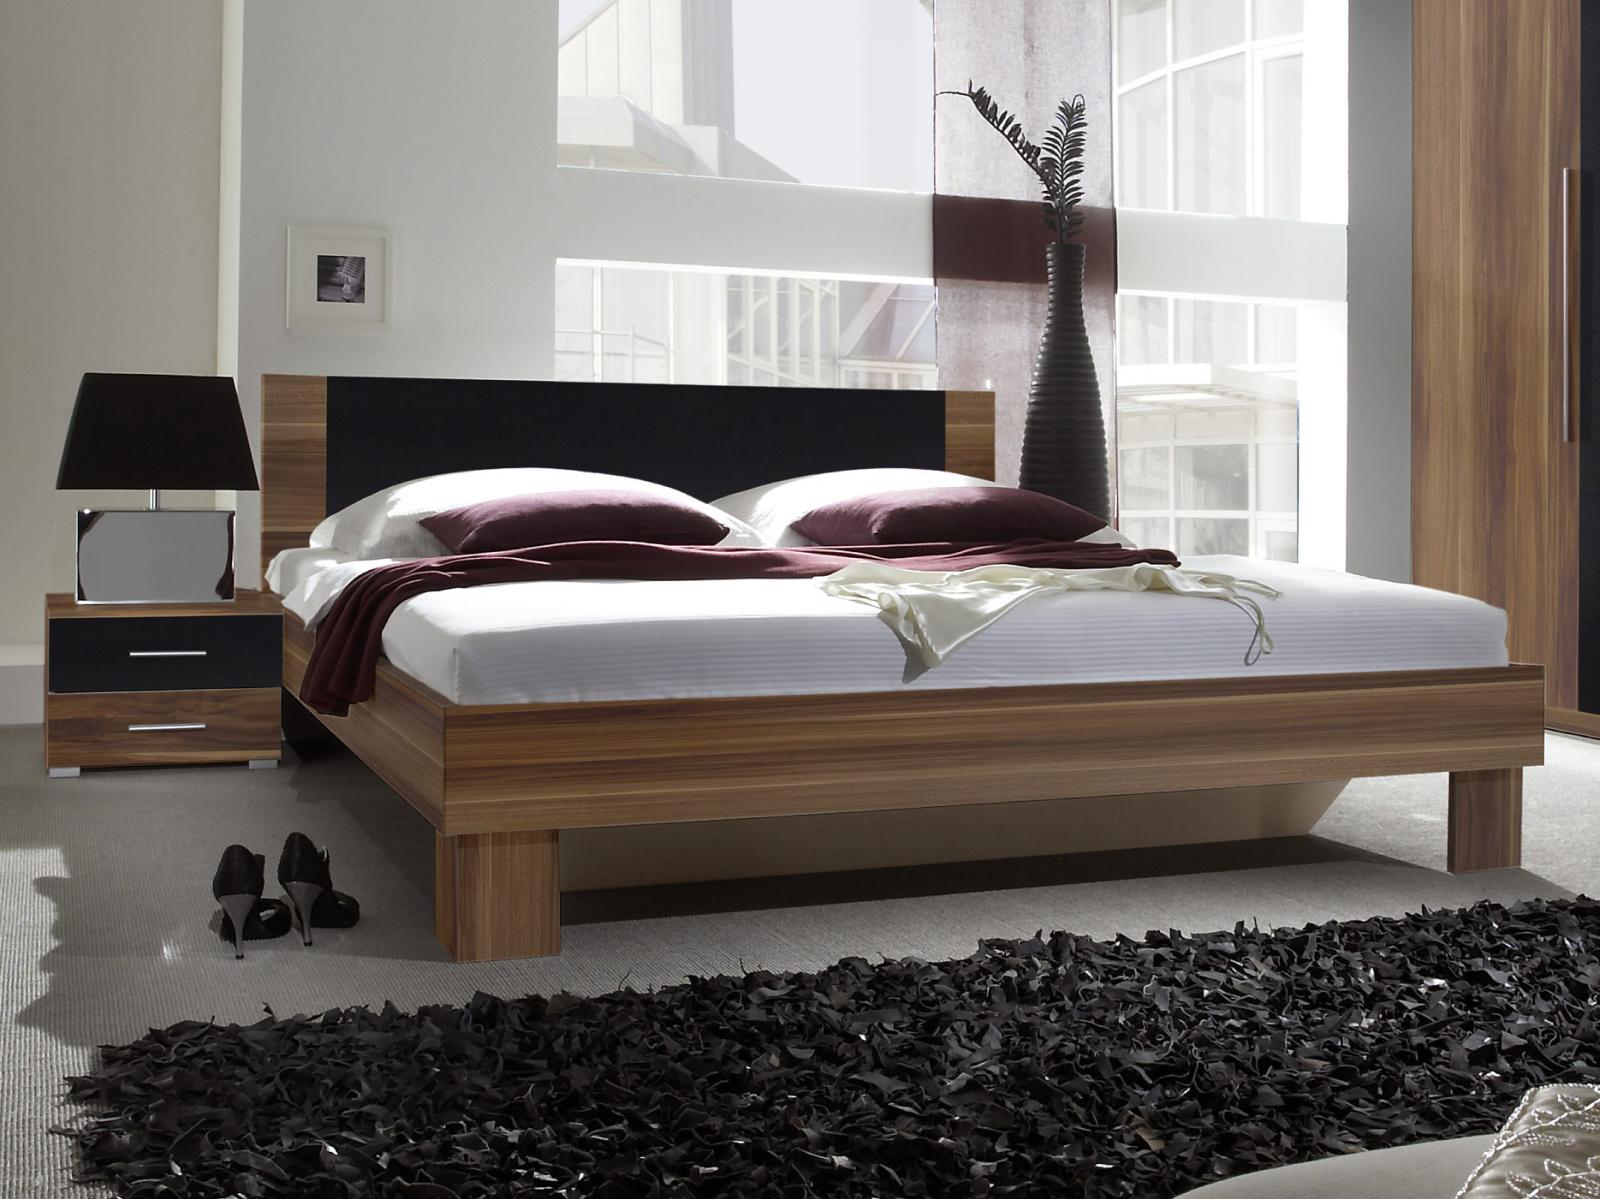 WILDER postel 180x200 cm s nočními stolky, červený ořech/černá